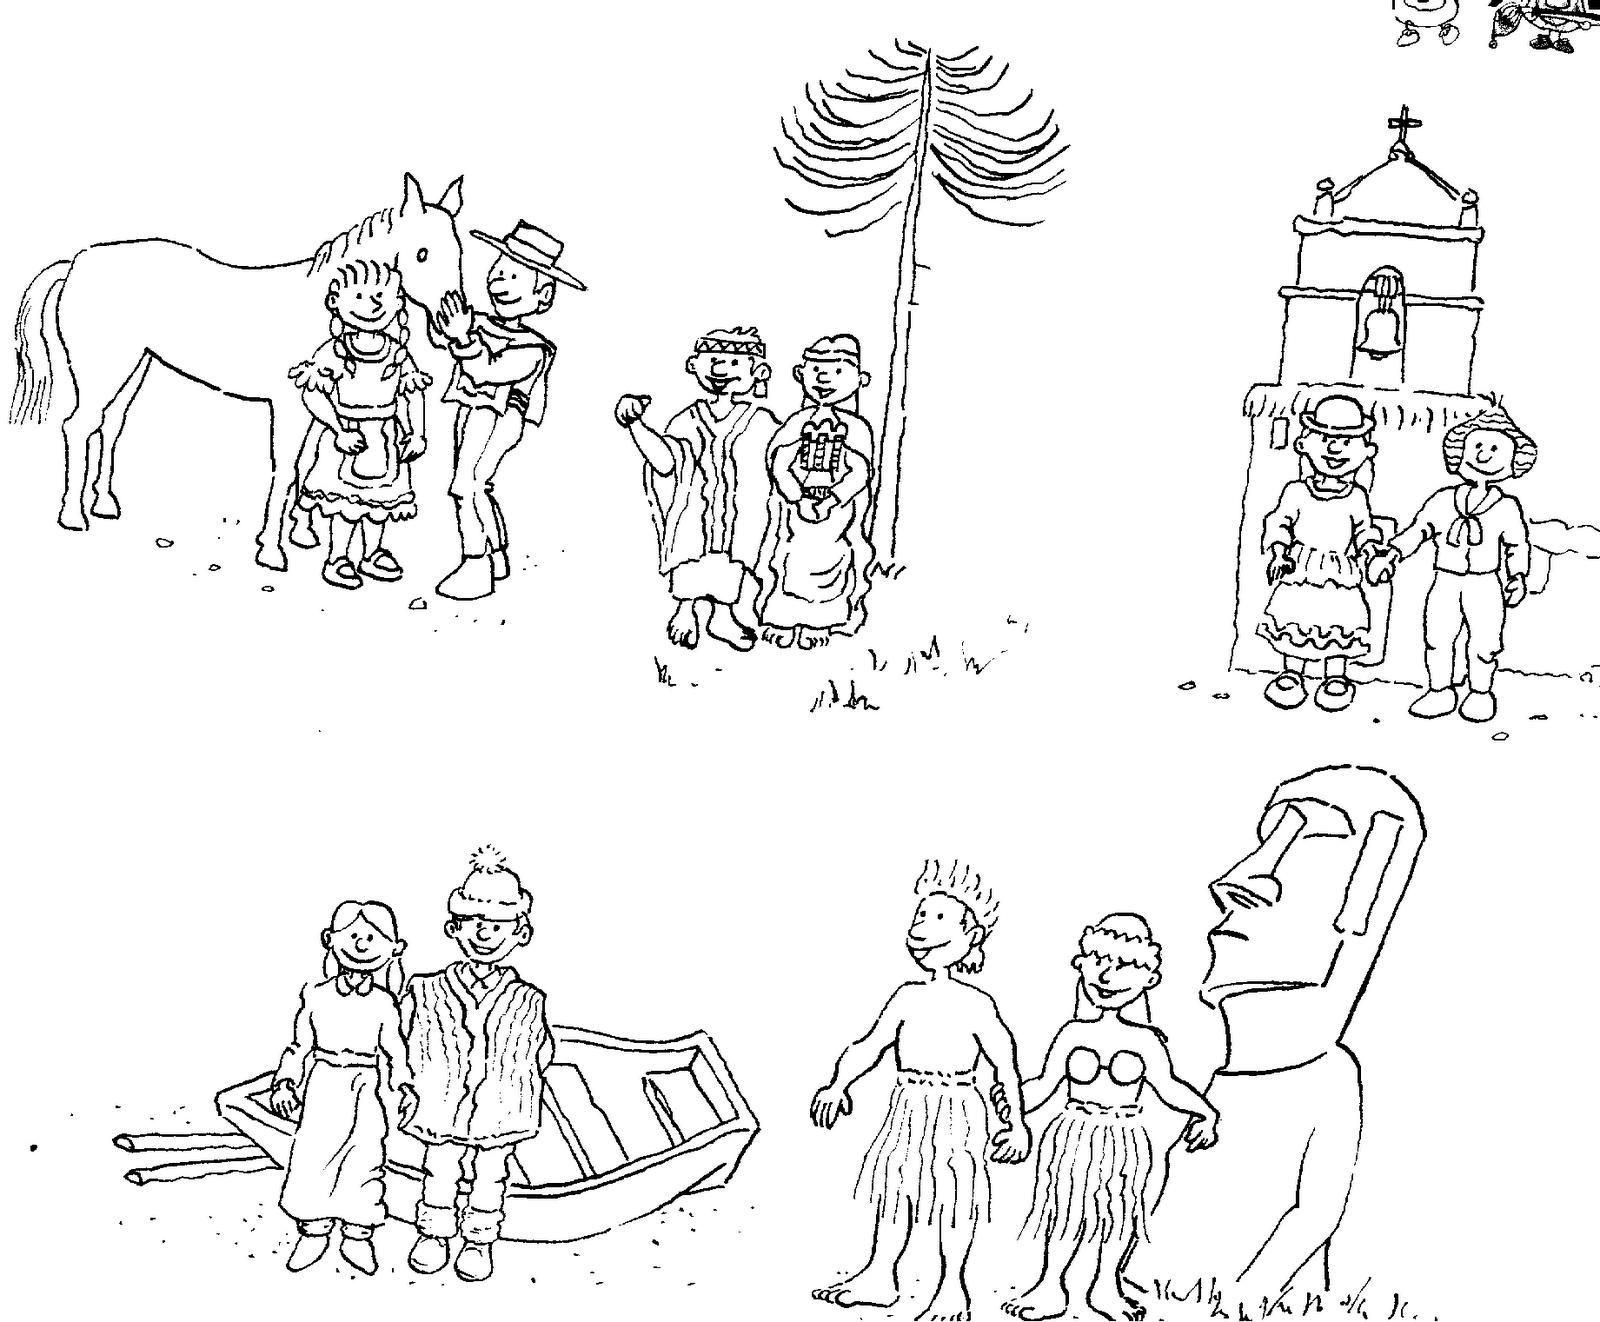 Dibujos Para Colorear Sobre Fiestas Patrias Chilenas Resultado De